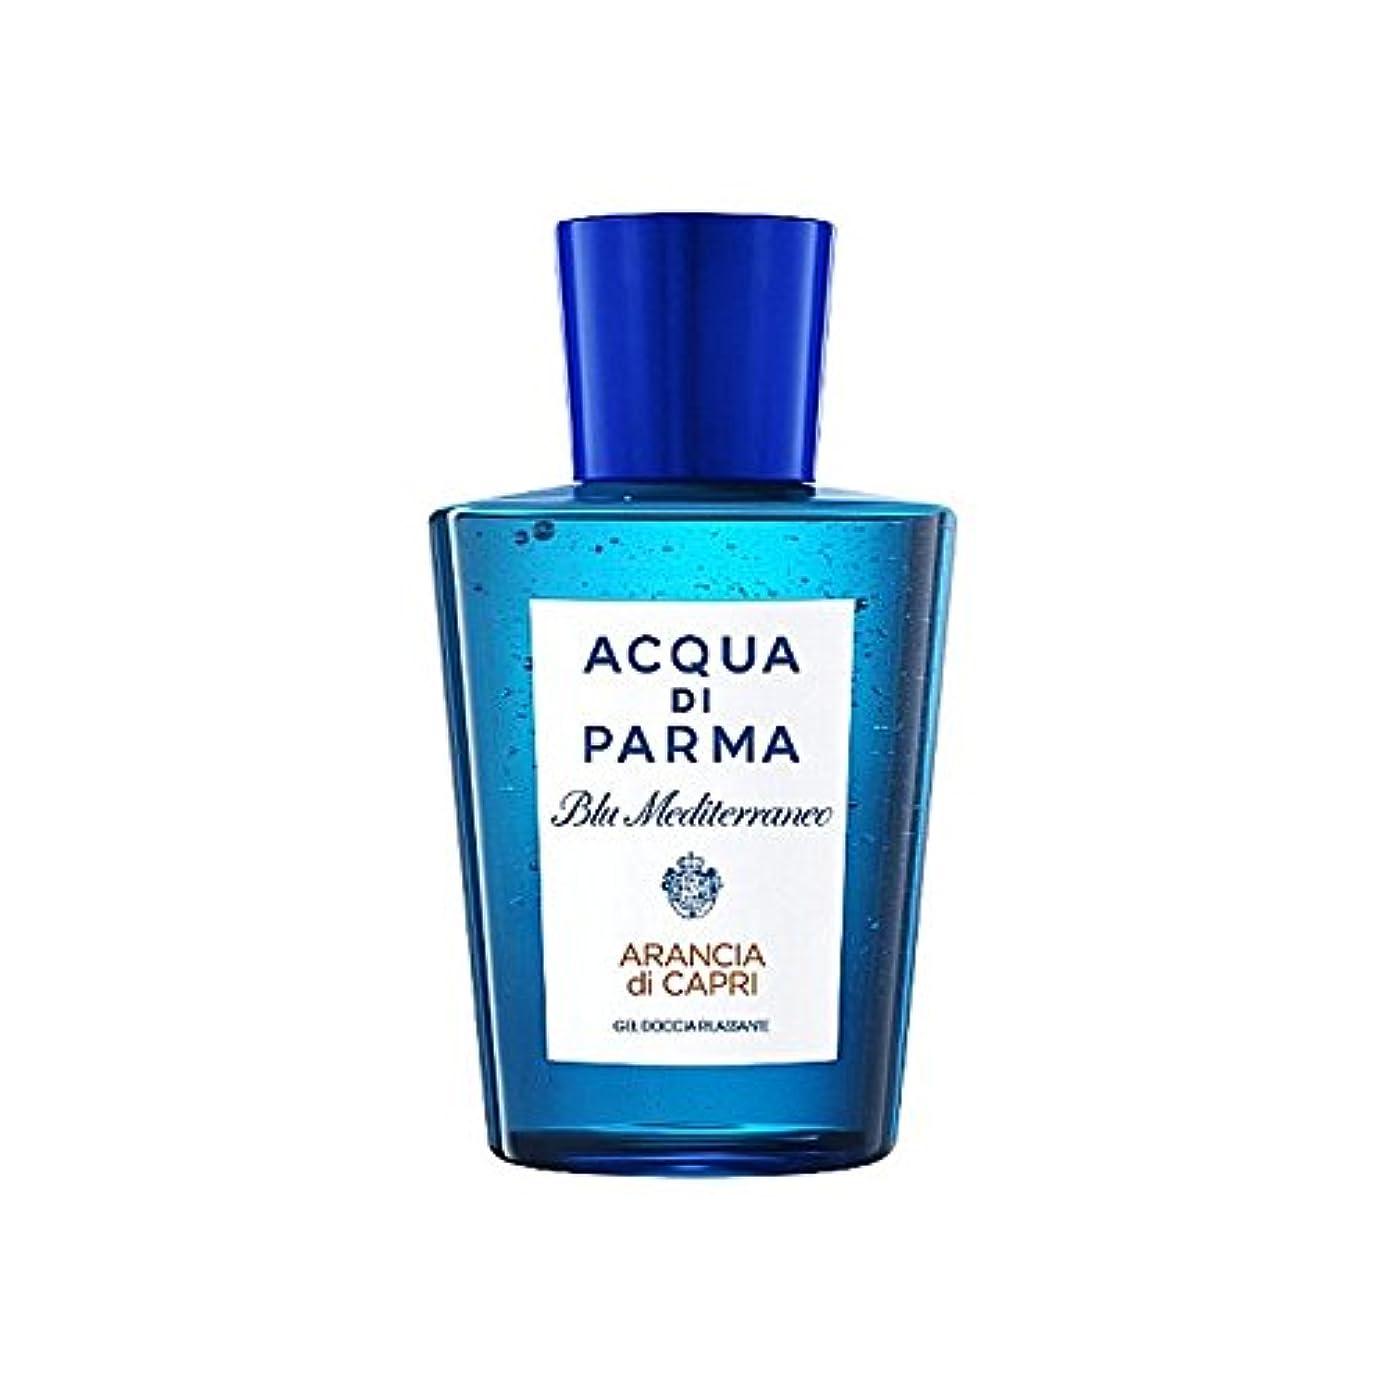 芽忘れっぽい運動するAcqua Di Parma Blu Mediterraneo Arancia Di Capri Shower Gel 200ml - アクアディパルマブルーメディのアランシアジカプリシャワージェル200 [並行輸入品]